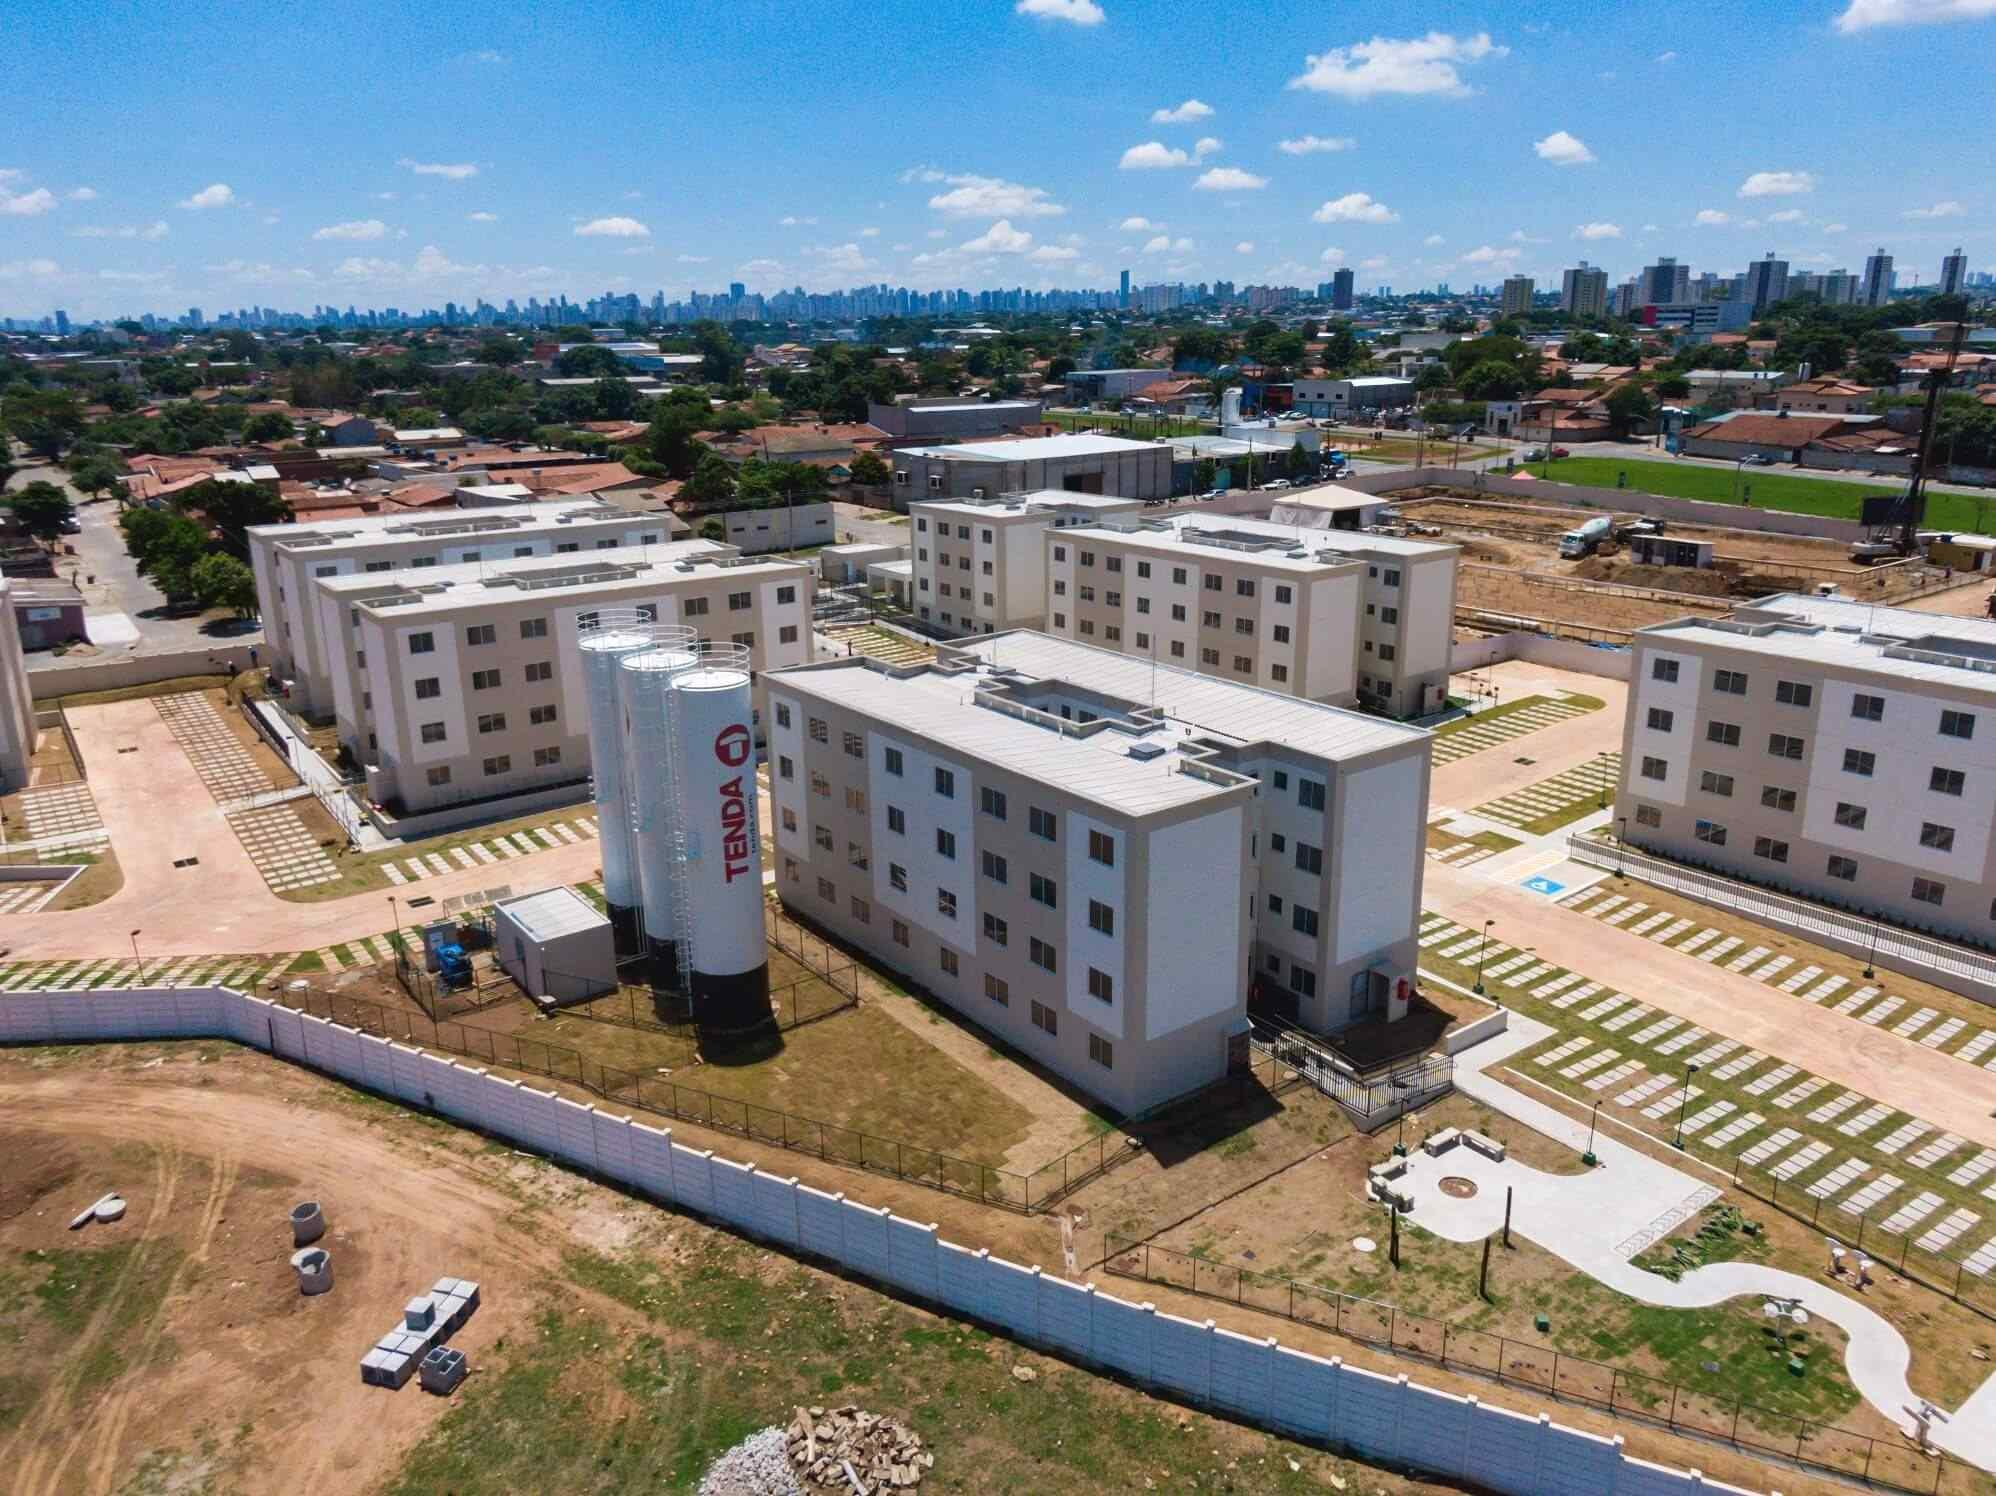 Fotos de obras no empreendimento Morada Goiá | Goiânia | GO | foto 1 | tenda.com